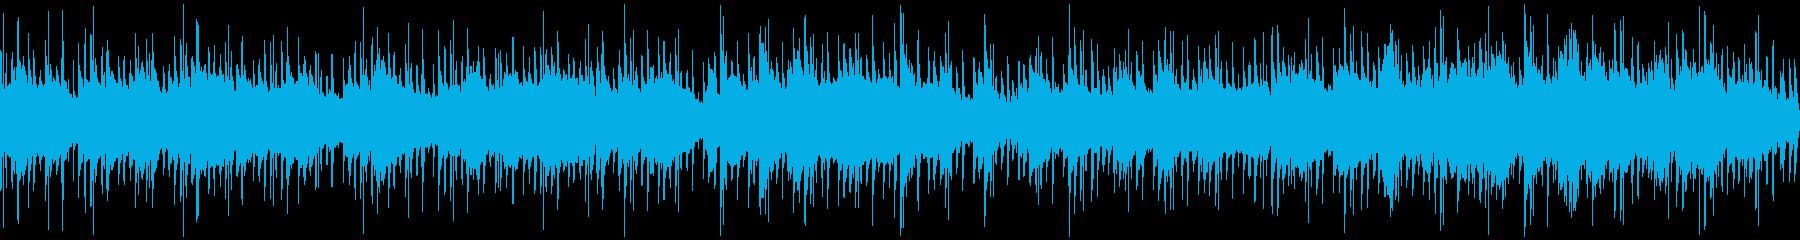 90年代ドラマの挿入曲風BGM【ループ】の再生済みの波形